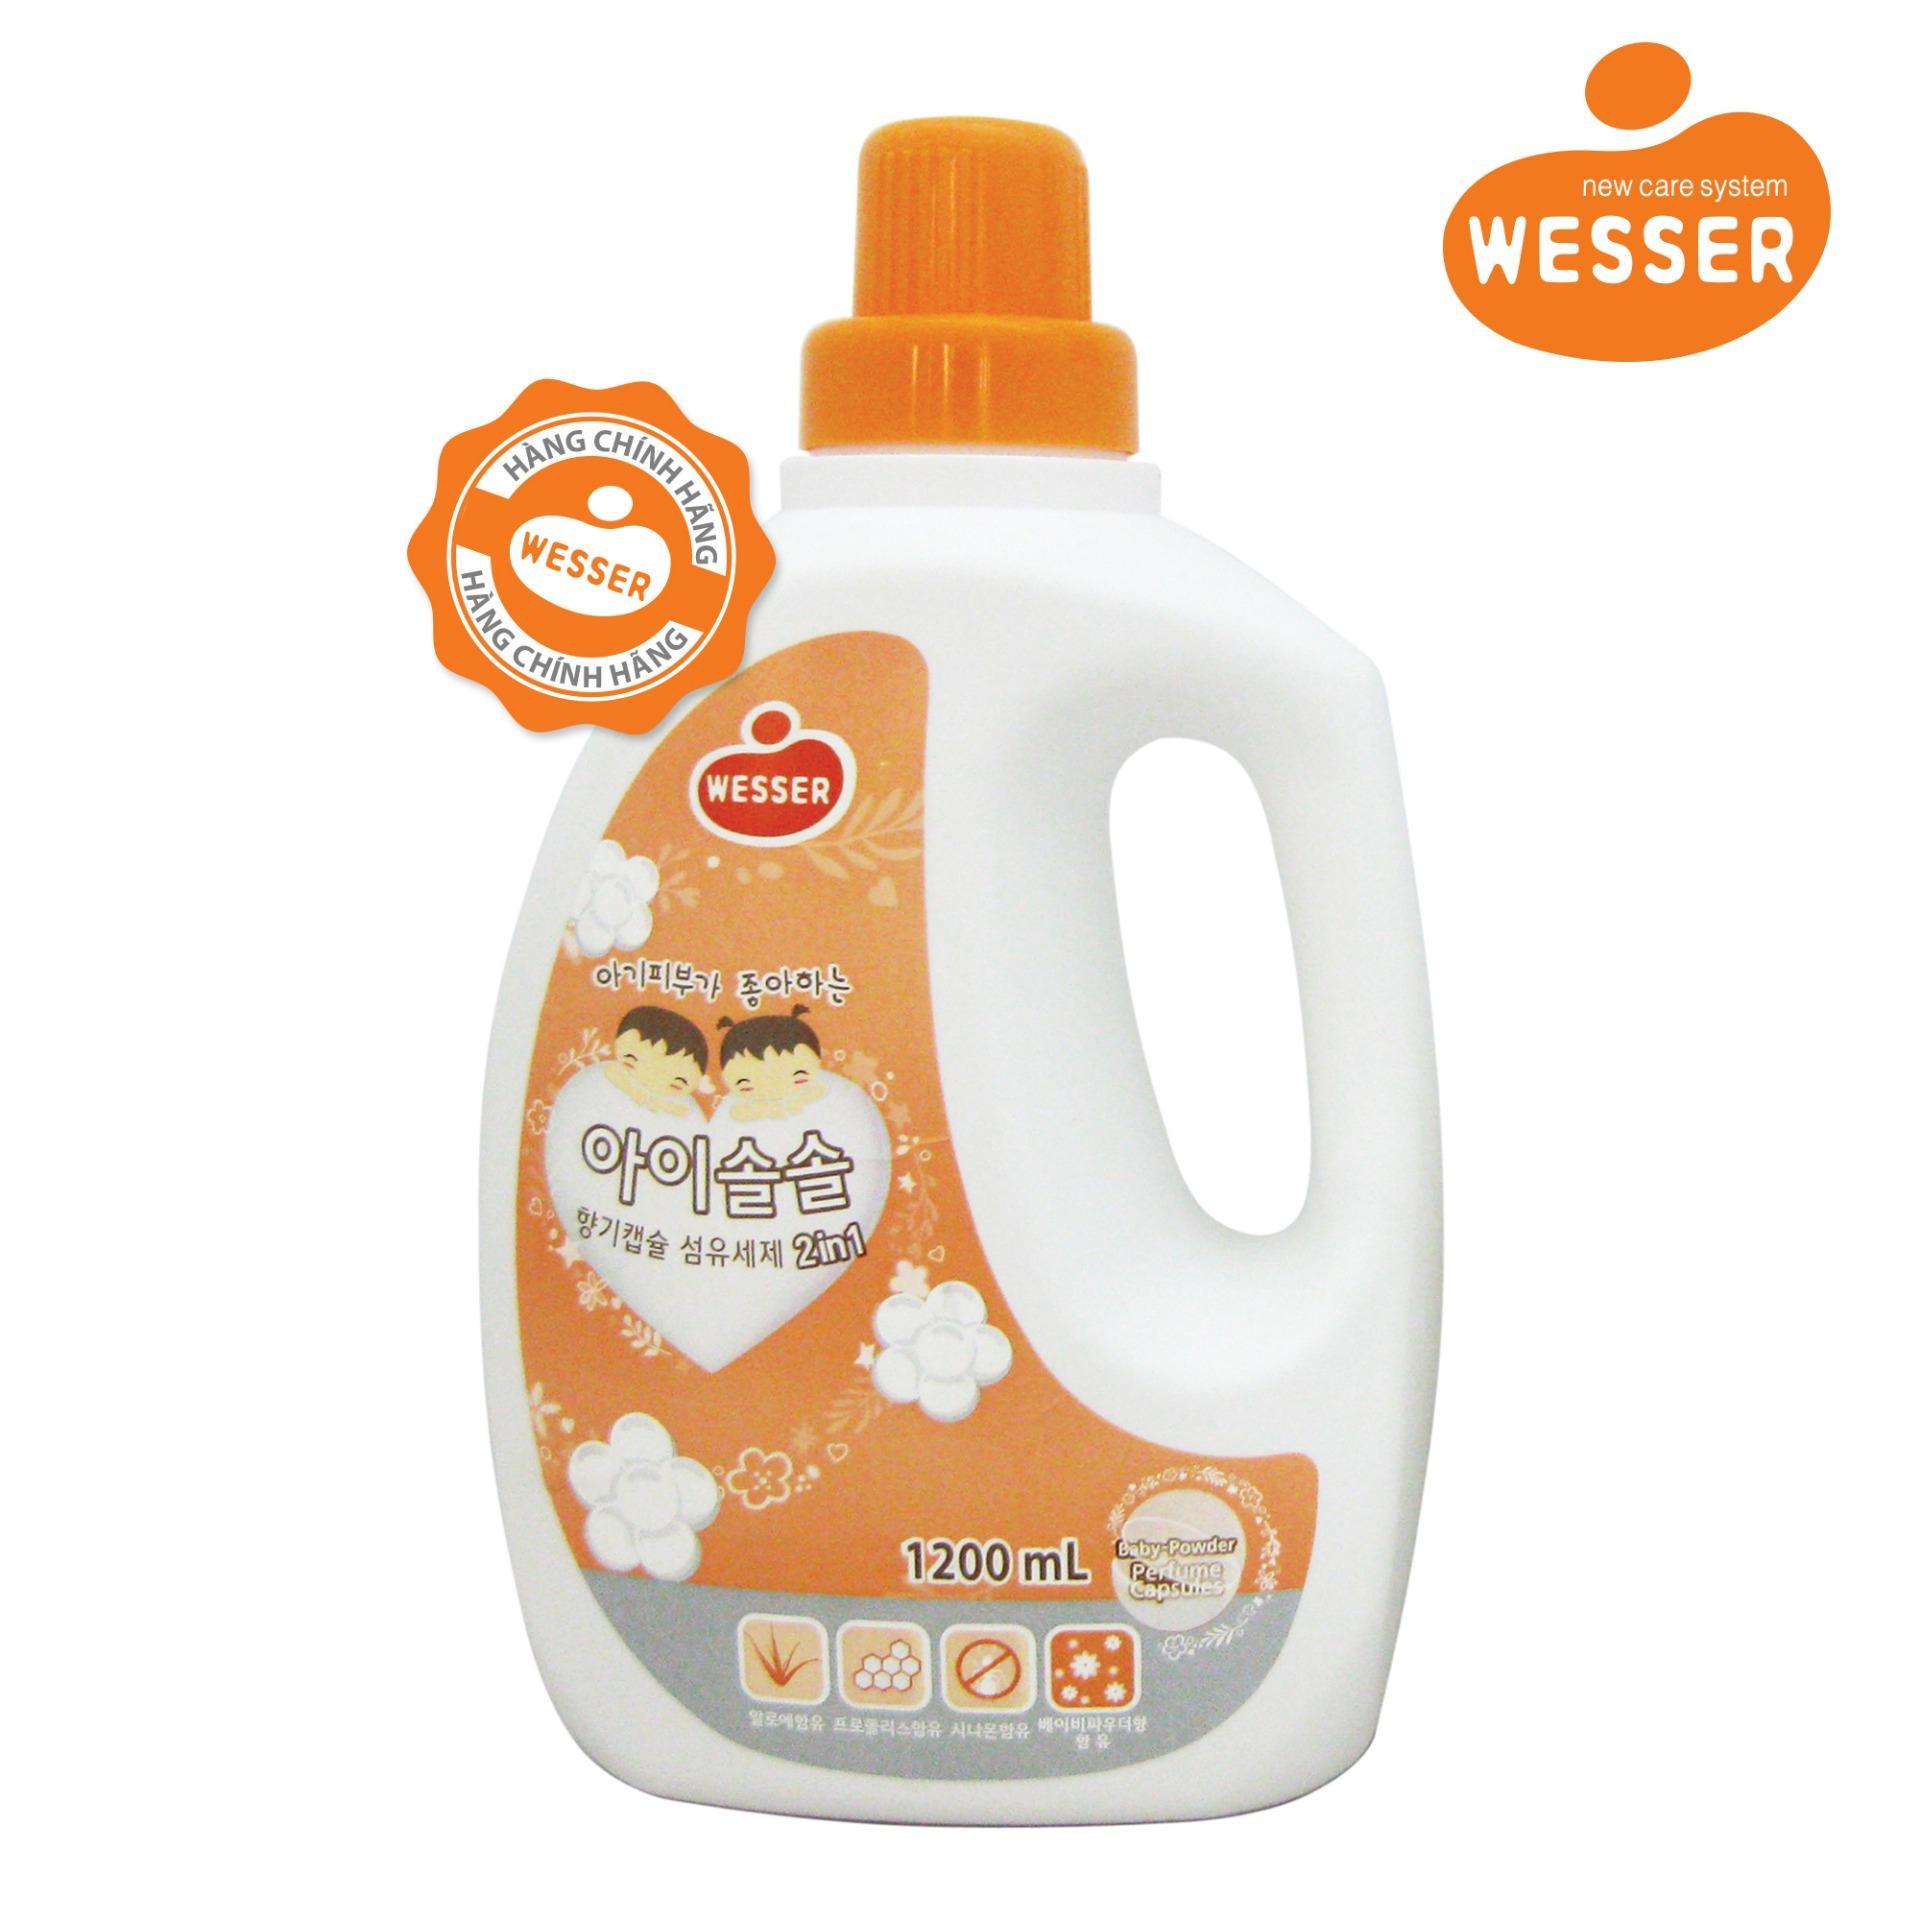 Nước giặt xả Wesser 2in1 hương phấn 1200ml (Màu cam,Hàng nhập khẩu)